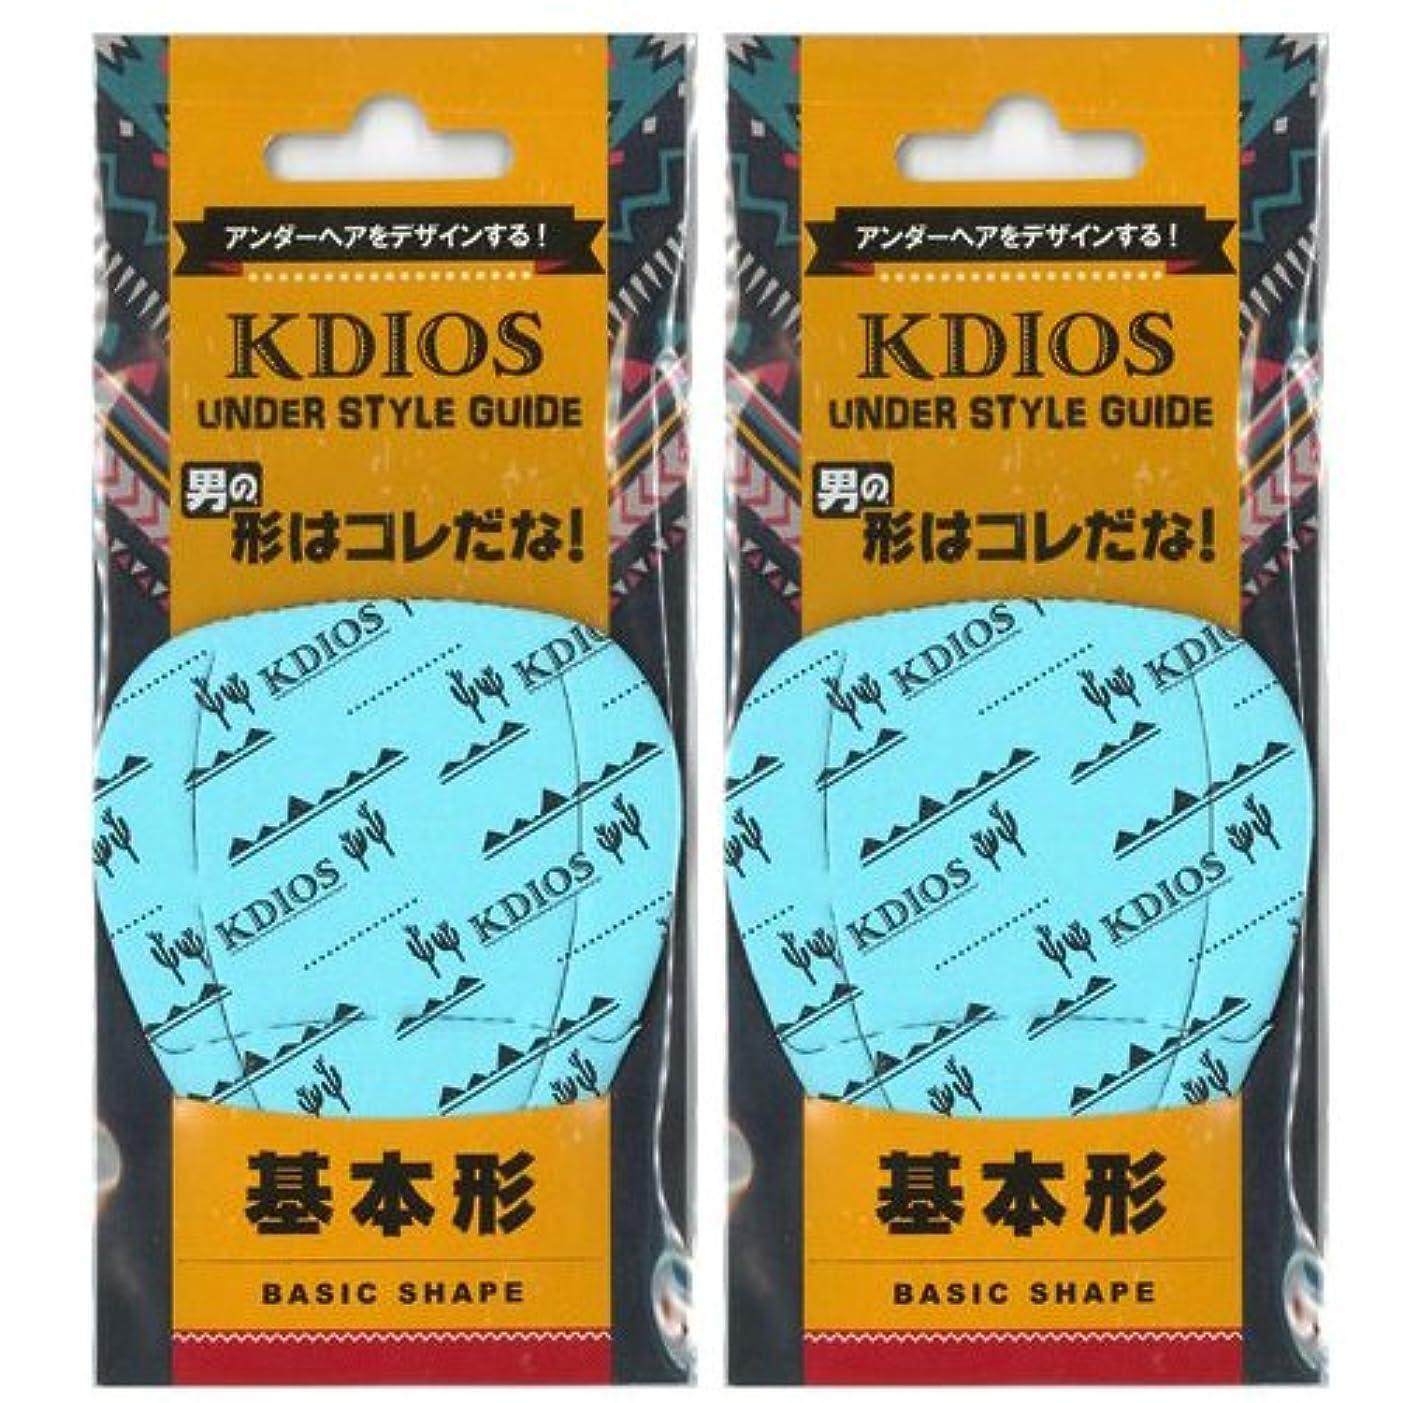 会議音声学悲劇的なKDIOS(ケディオス) アンダースタイルガイド 「基本形」 FOR MEN ×2個セット